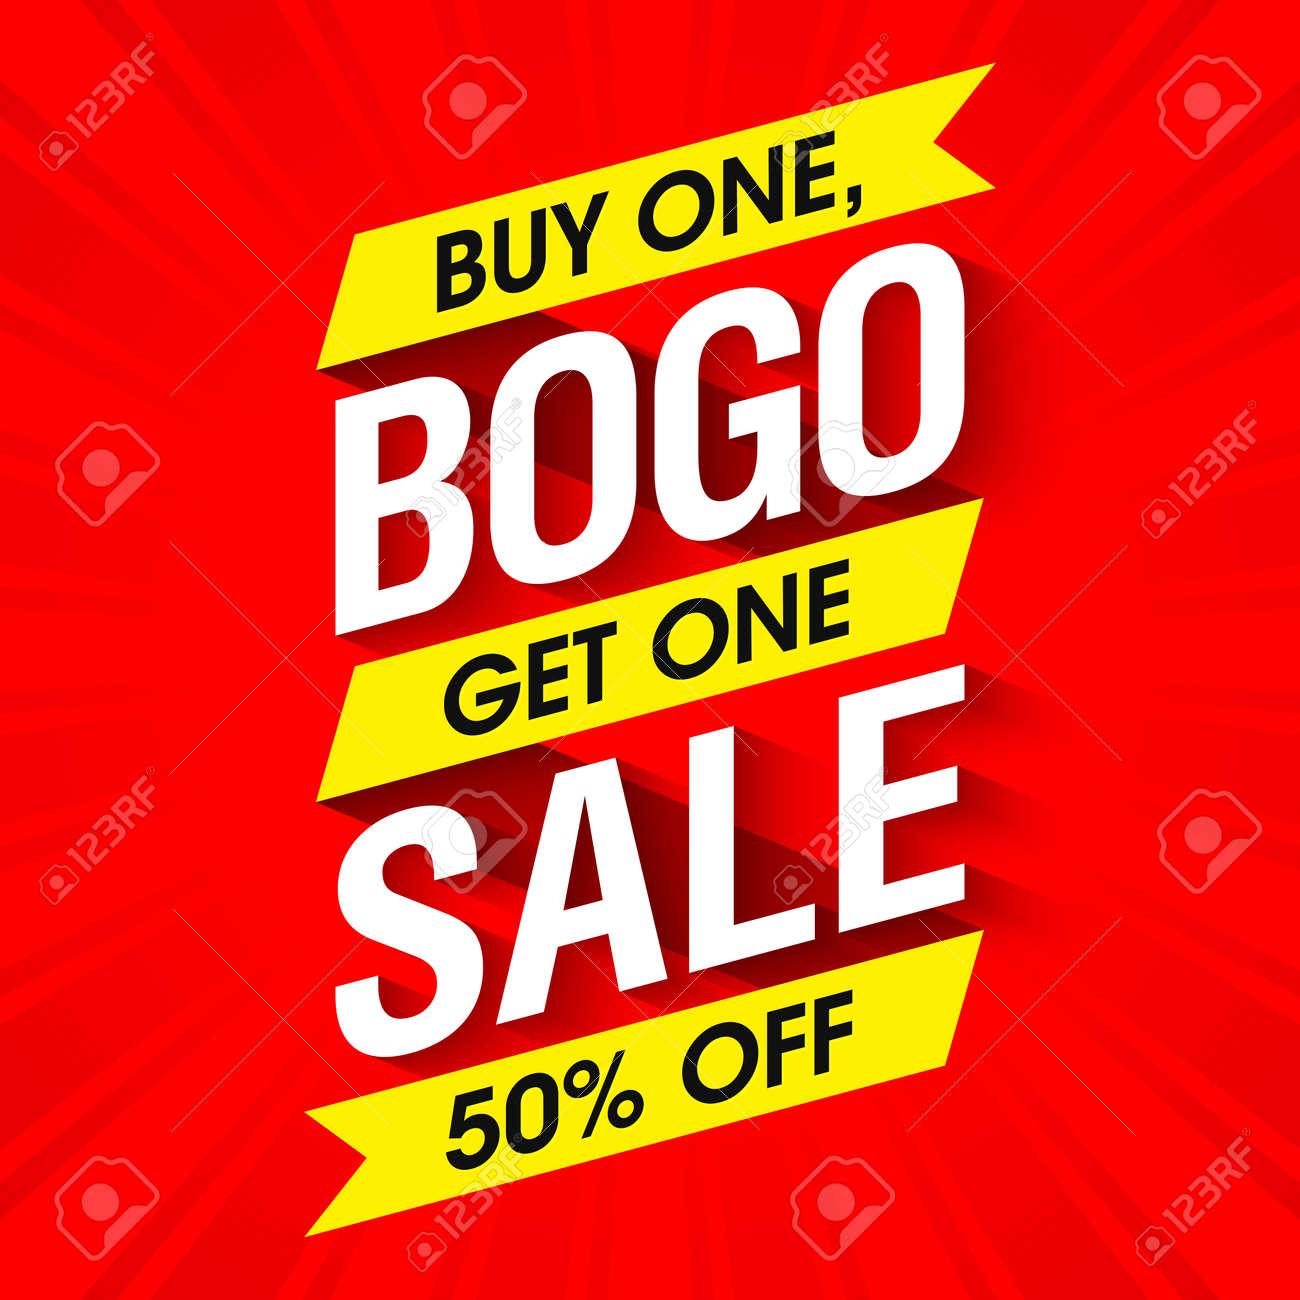 Bogo Sale banner design template - 61124588